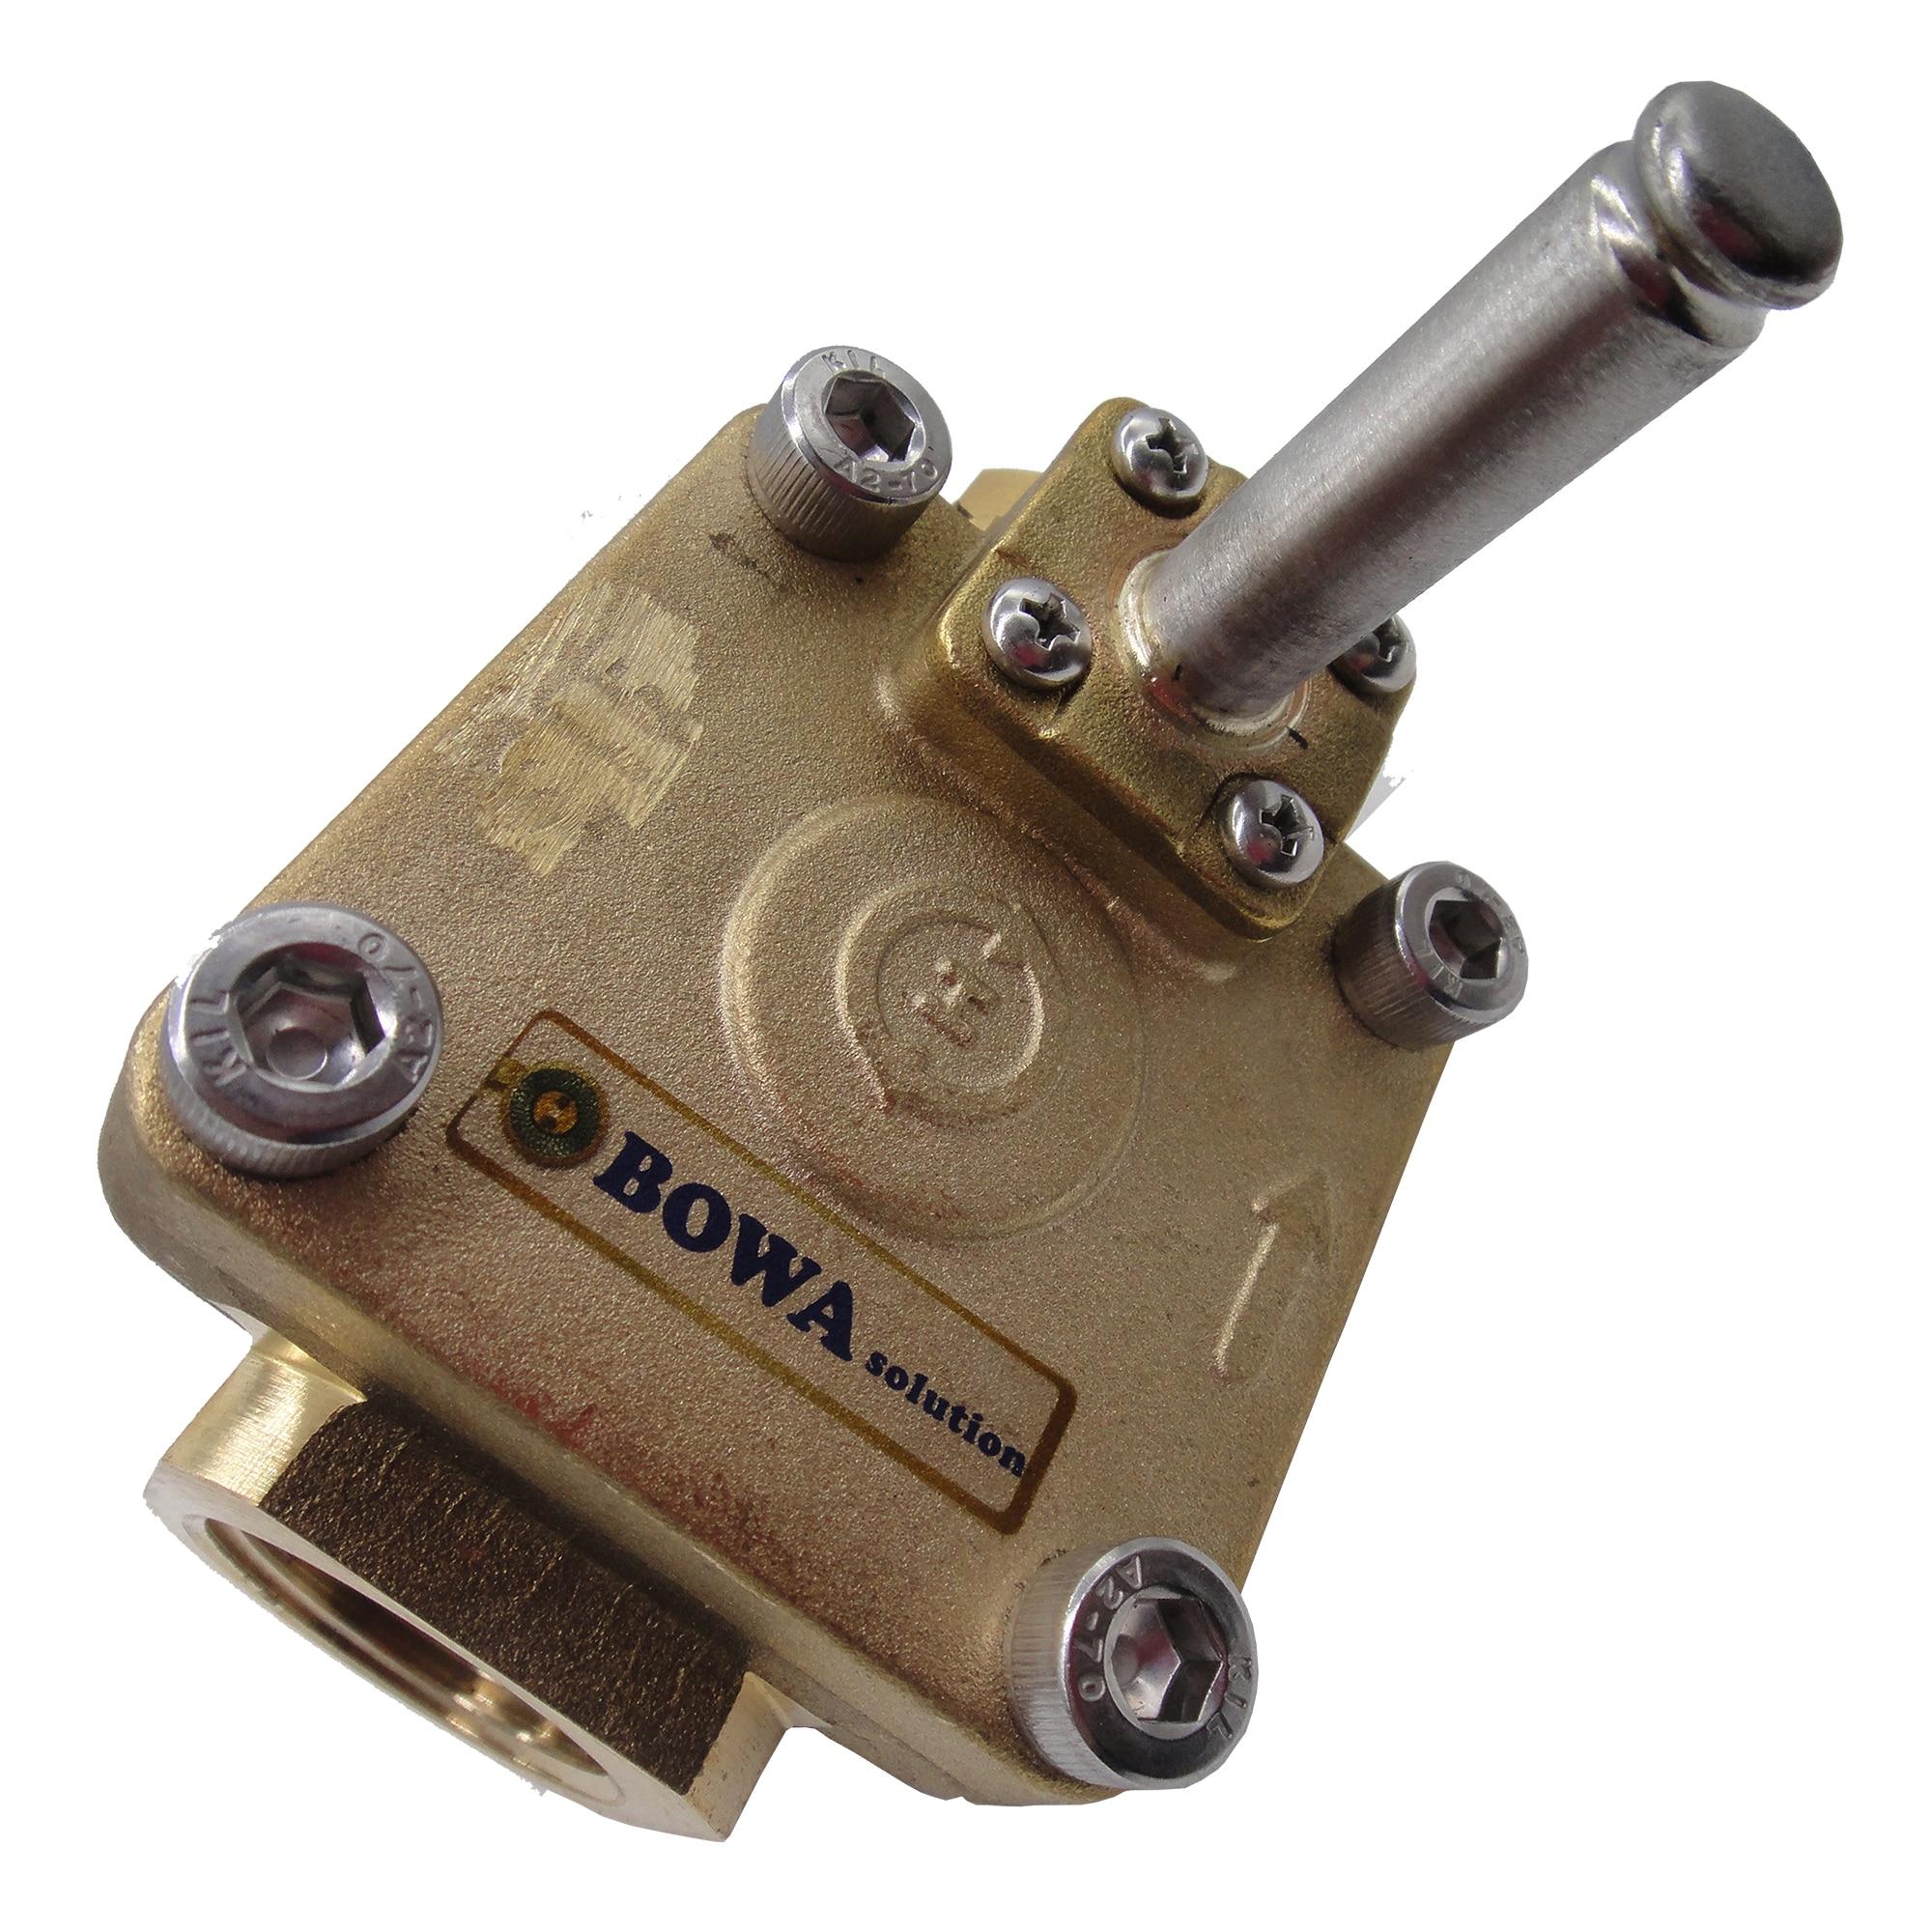 تستخدم 20bar, DN10 & NC اضاءات الملف اللولبي في ماكينة معالجة الطعام ، مثل آلة صنع أيس كريم او منظف الفواكه